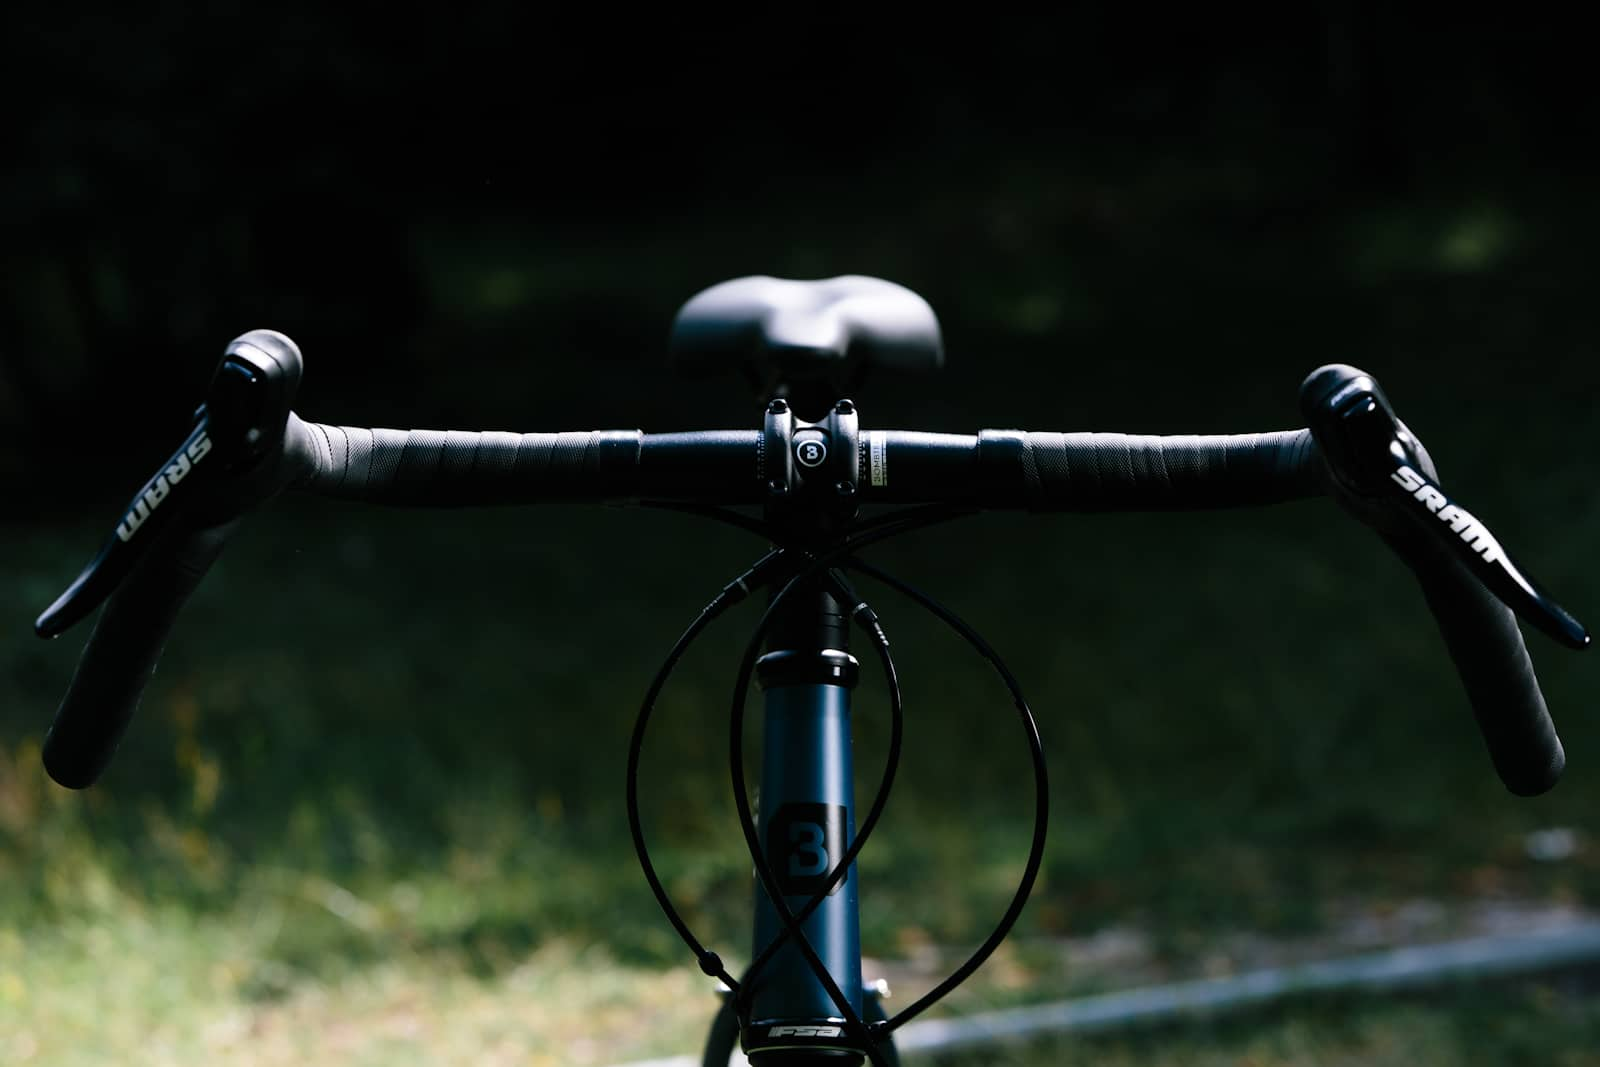 Stang flare drop bar untuk optimasi kecepatan dan kontrol